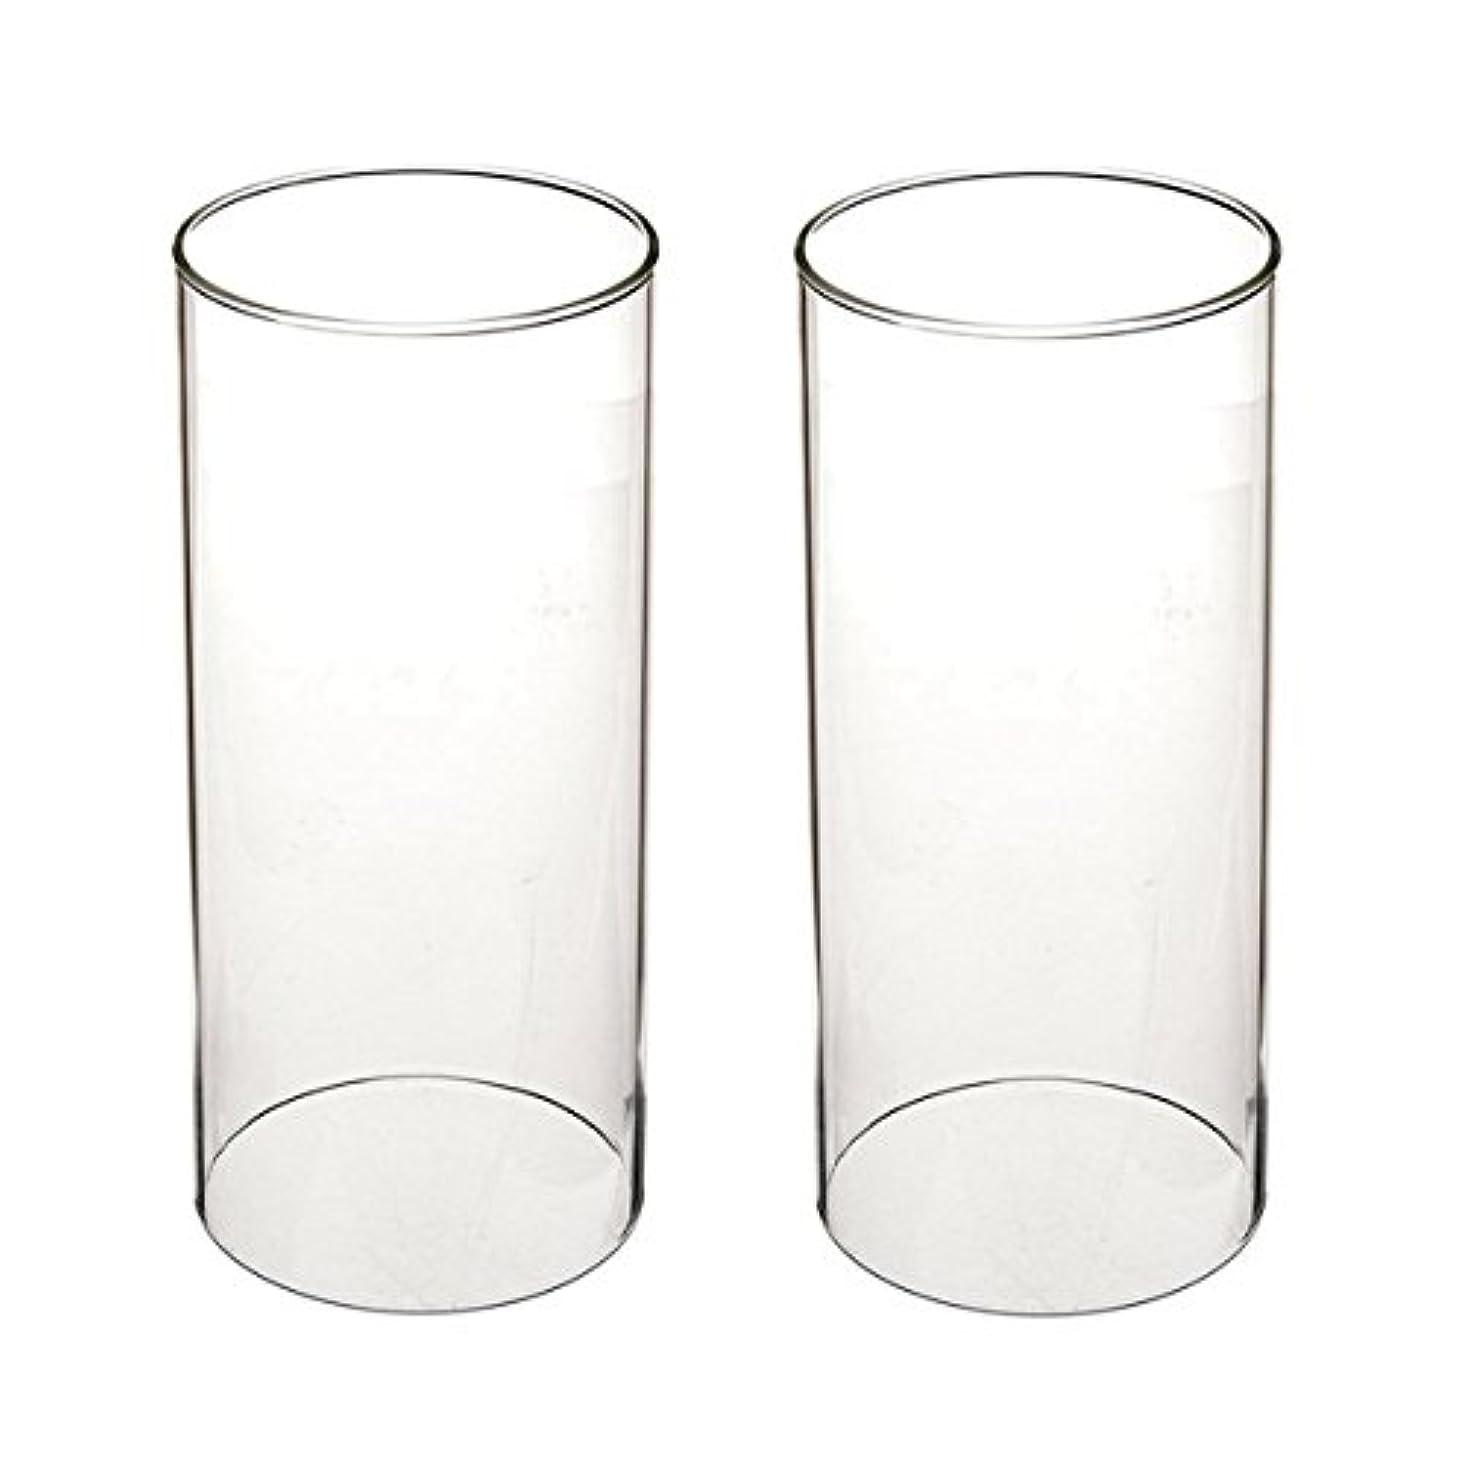 推論法廷屋内ガラス煙突for Candleオープンエンド、ホウケイ酸ガラス( d3 h8